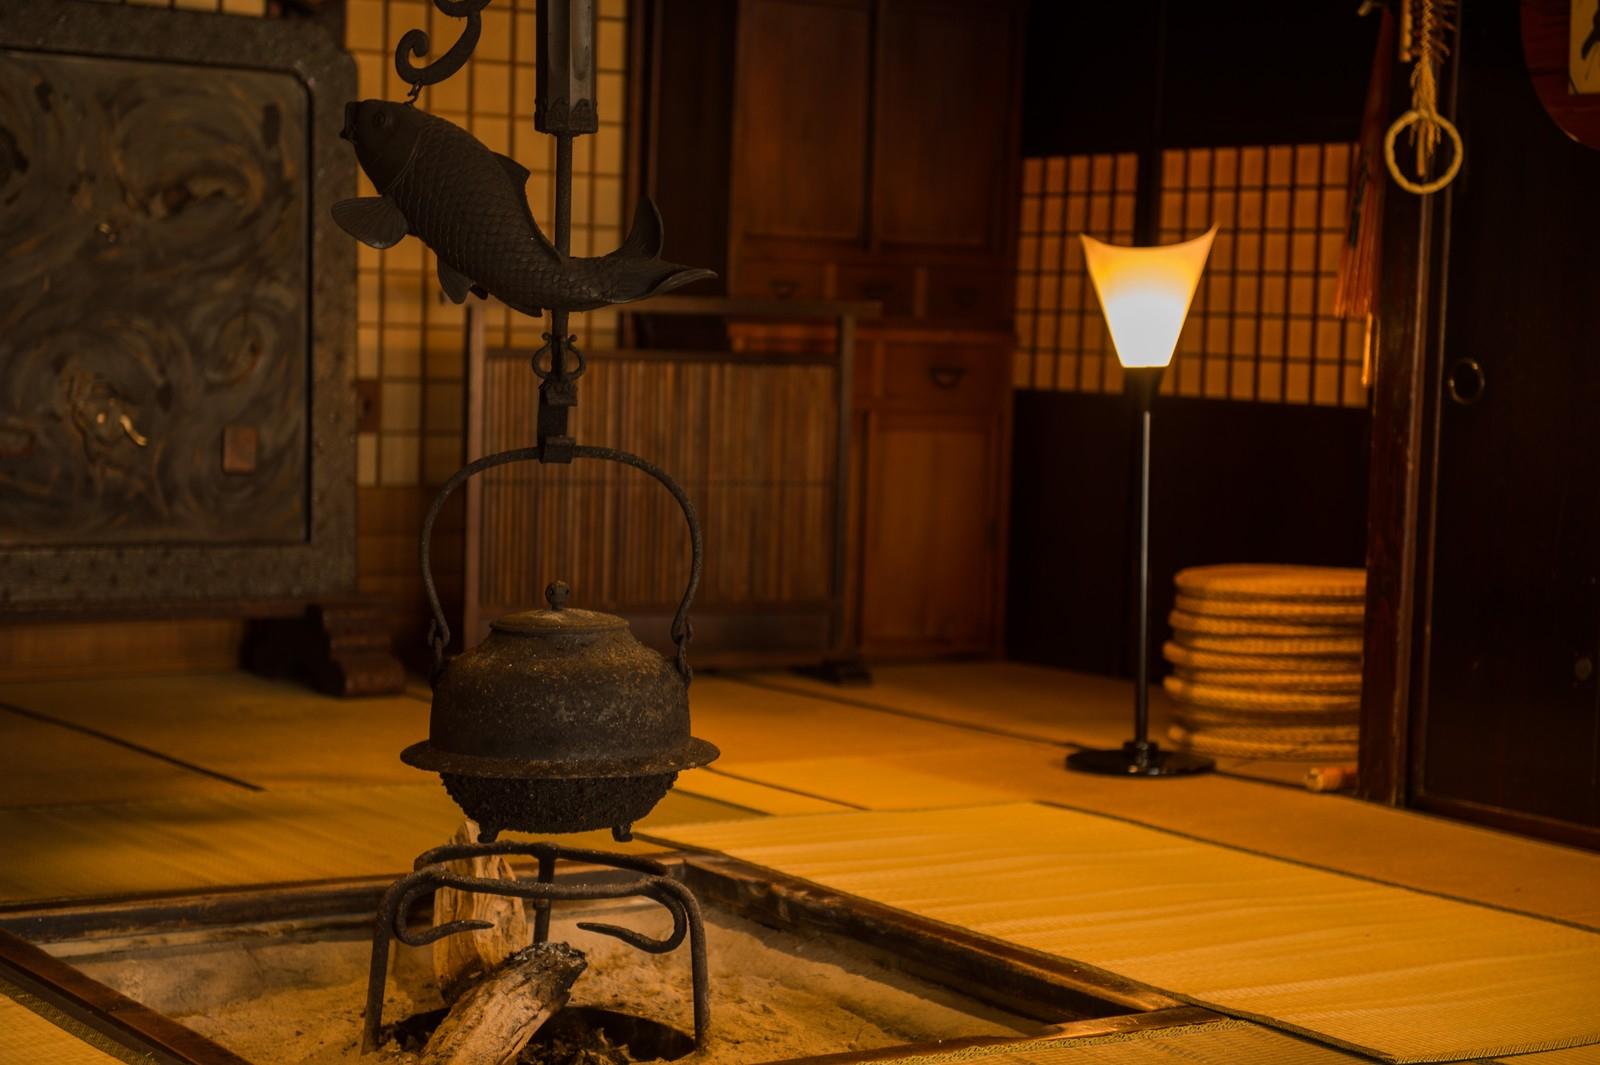 千葉県の旅館で見えた女性霊の正体・・・